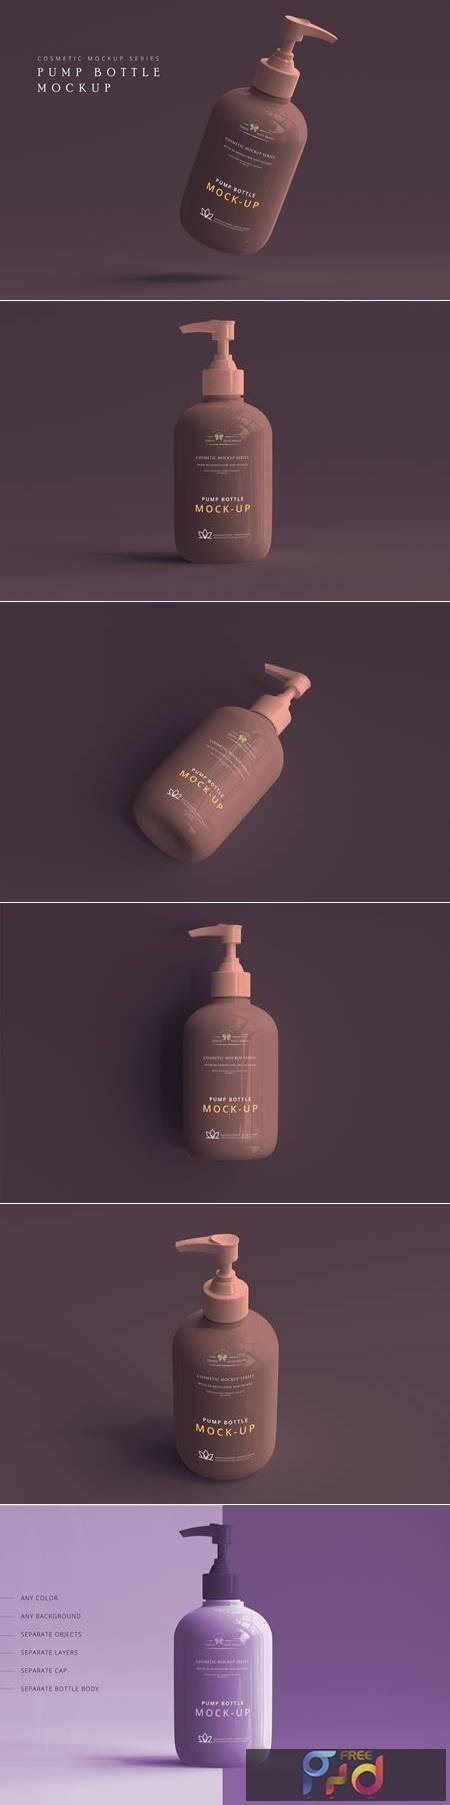 Pump Bottle Mockup 3066123 1